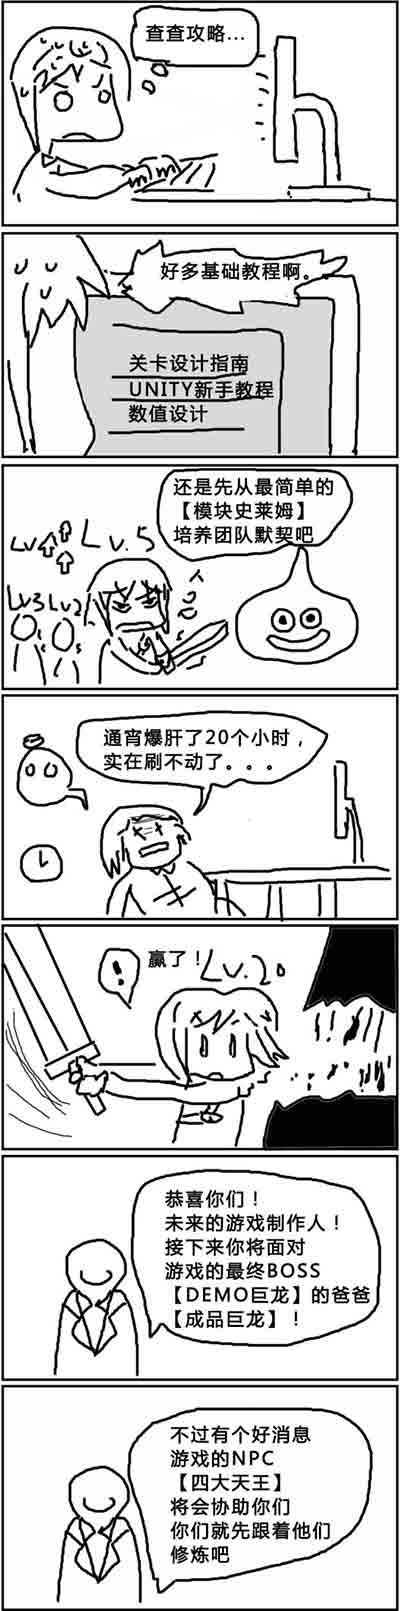 美高梅线上 6